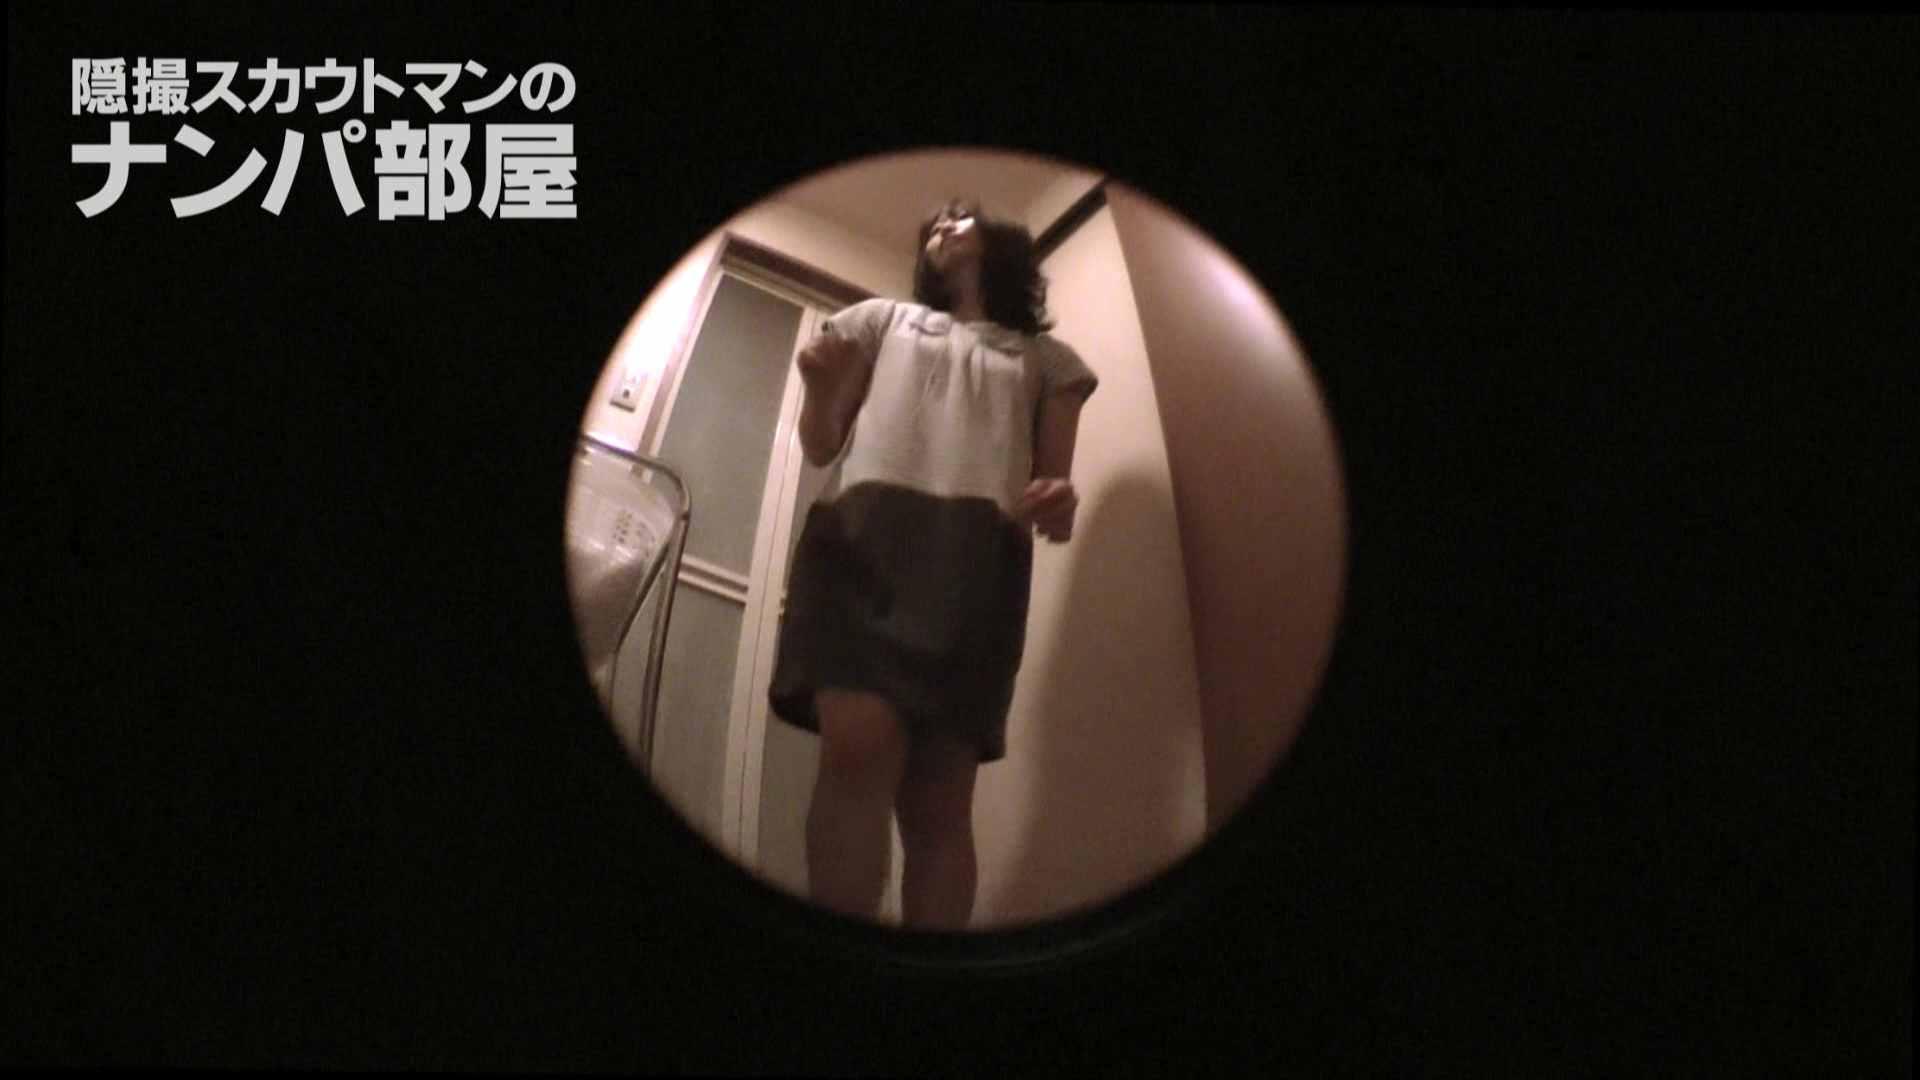 隠撮スカウトマンのナンパ部屋~風俗デビュー前のつまみ食い~ siivol.3 隠撮 SEX無修正画像 39連発 11